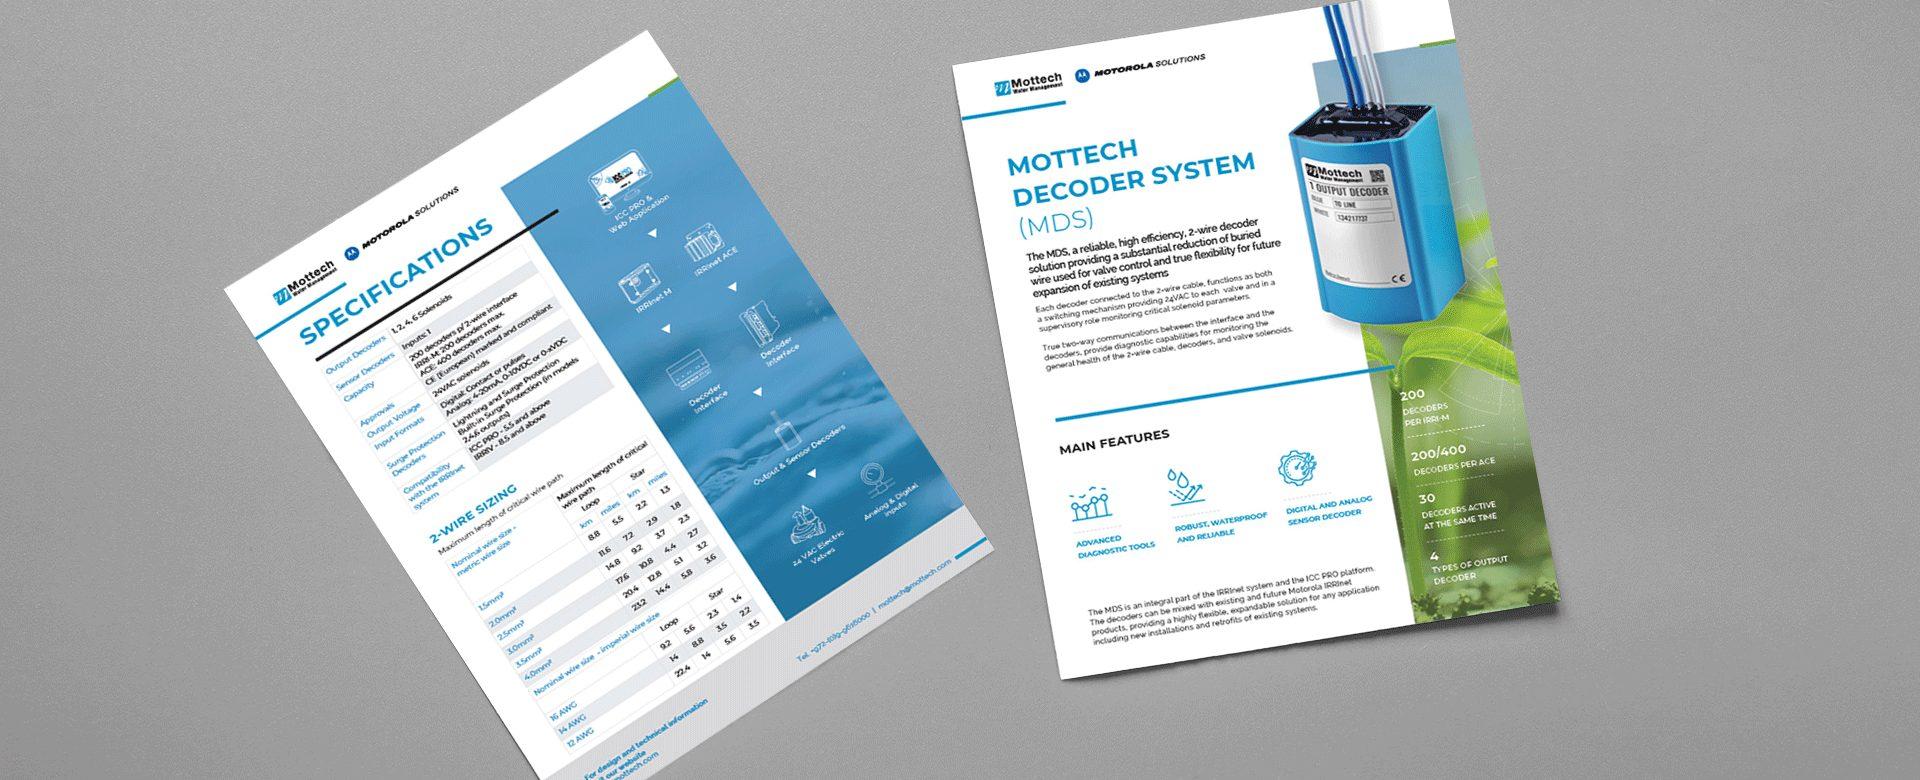 mottech Brochure